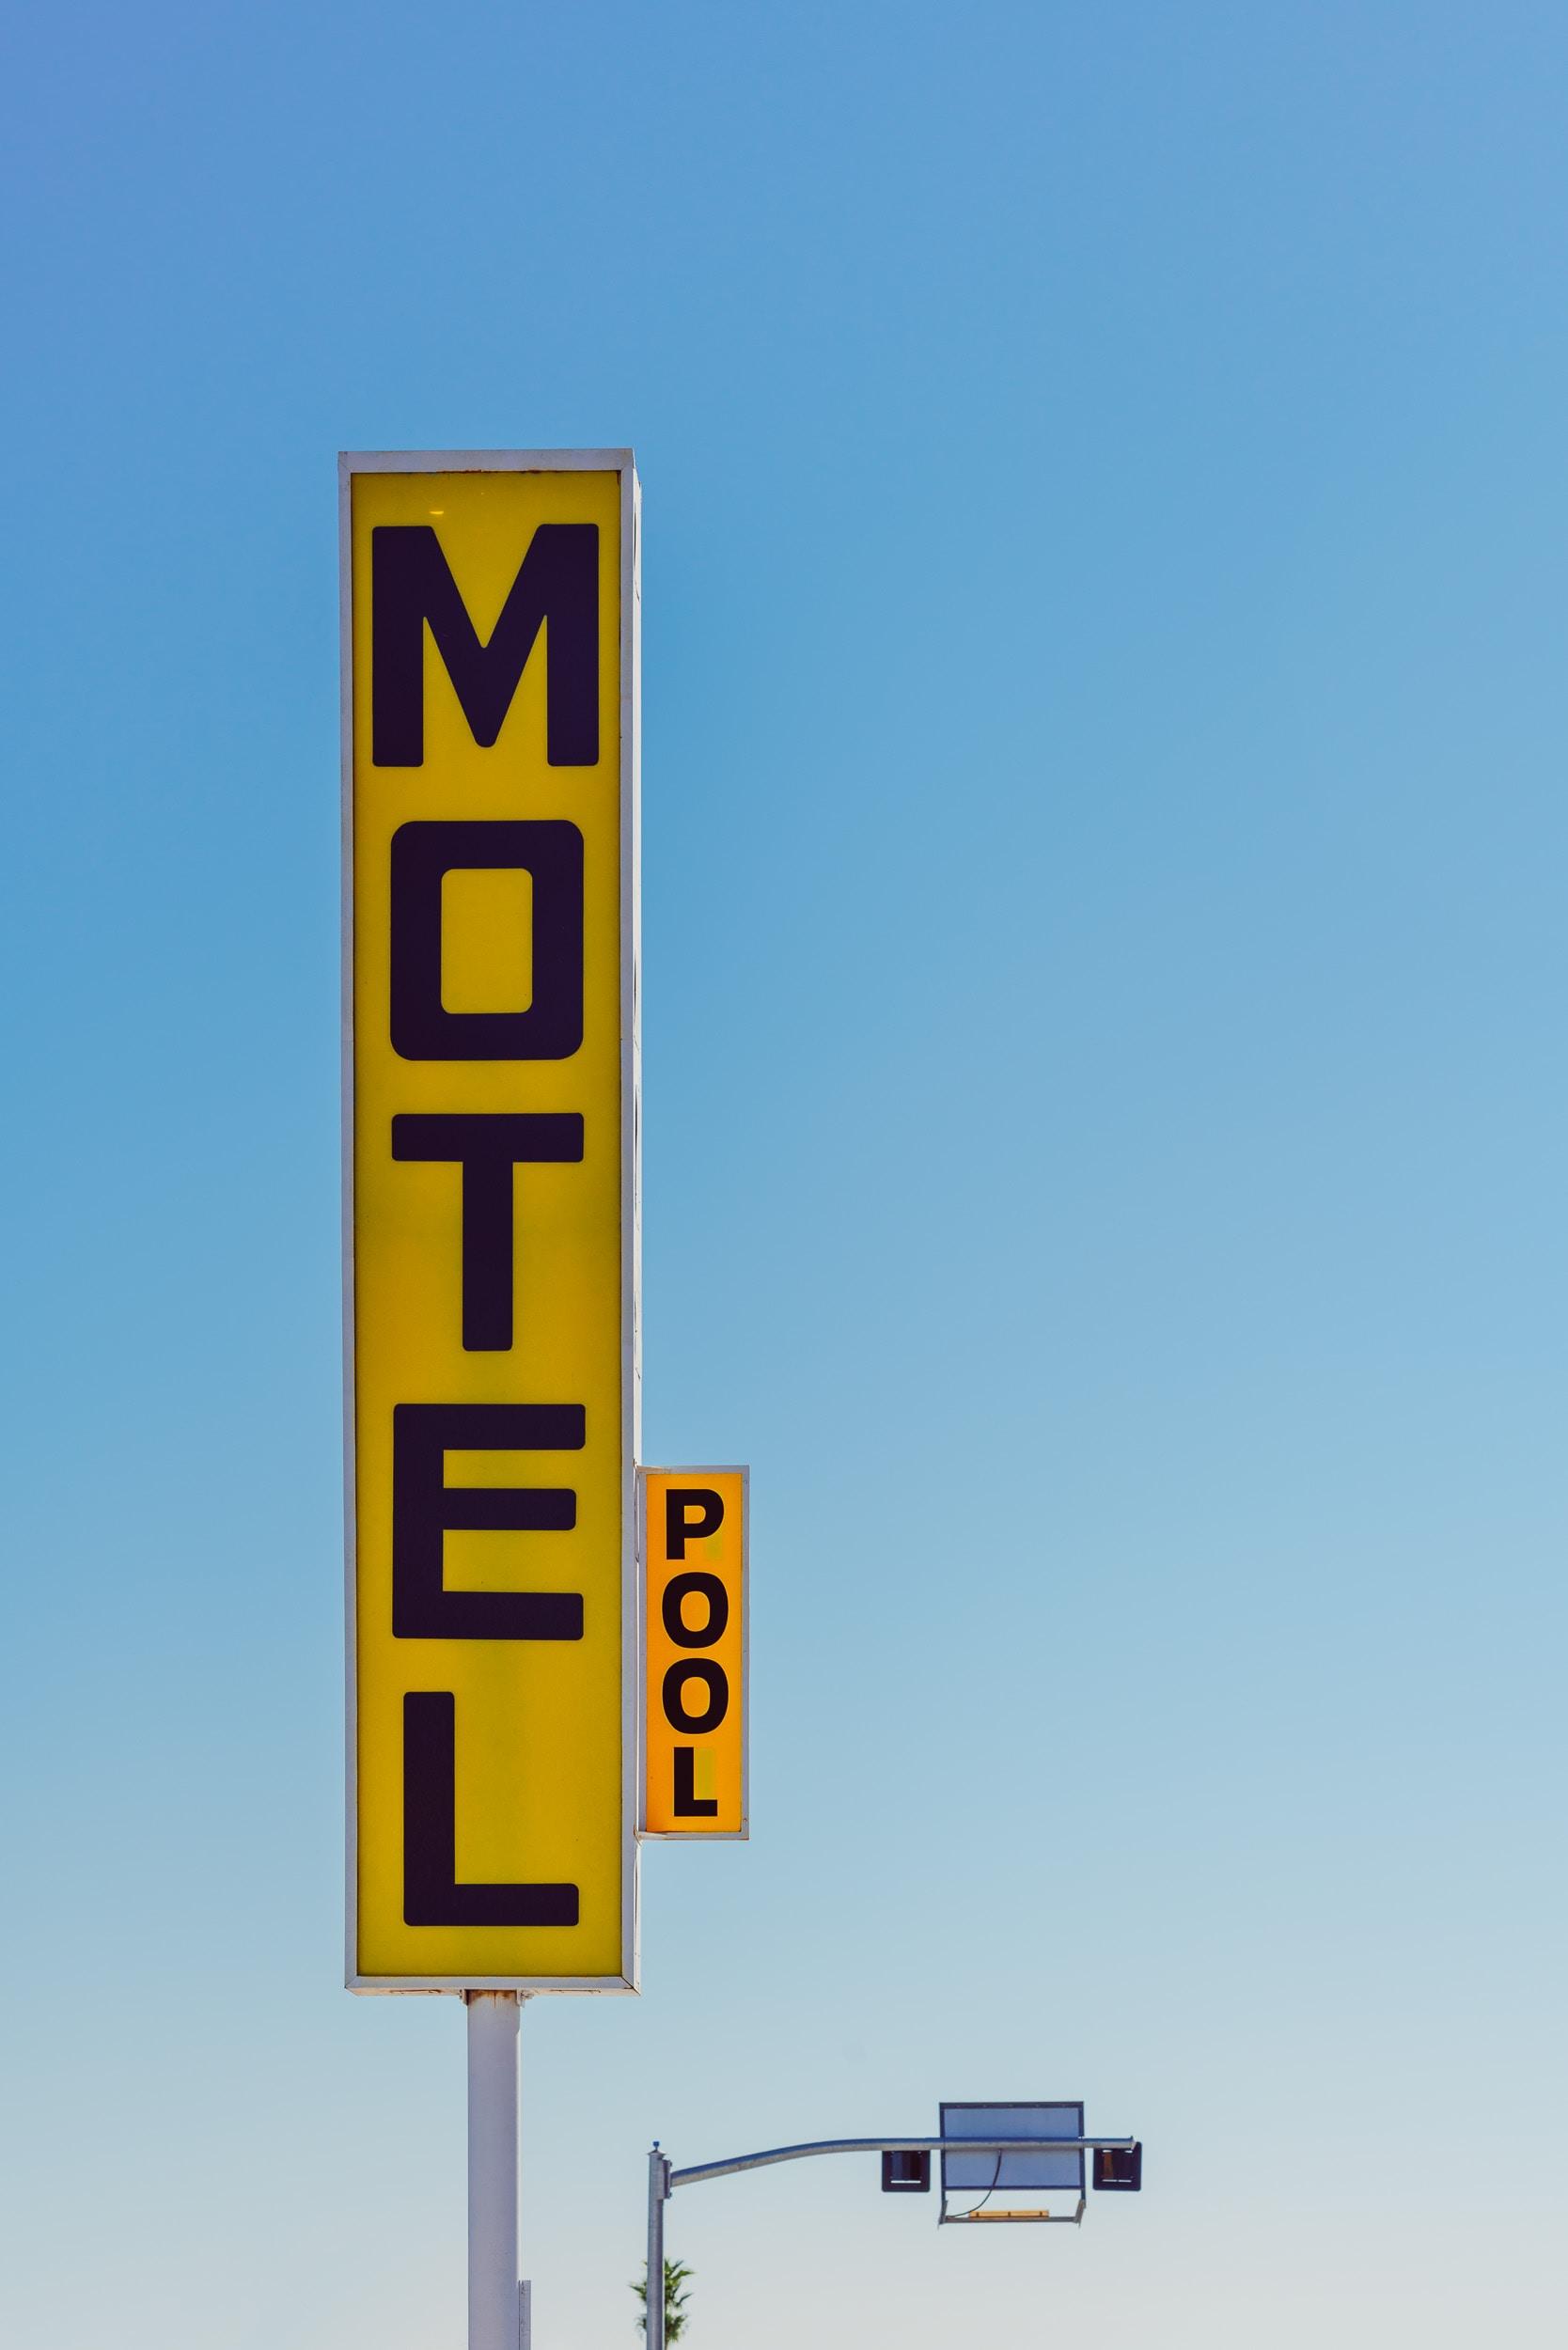 yellow and black Motel signage taken at daytime